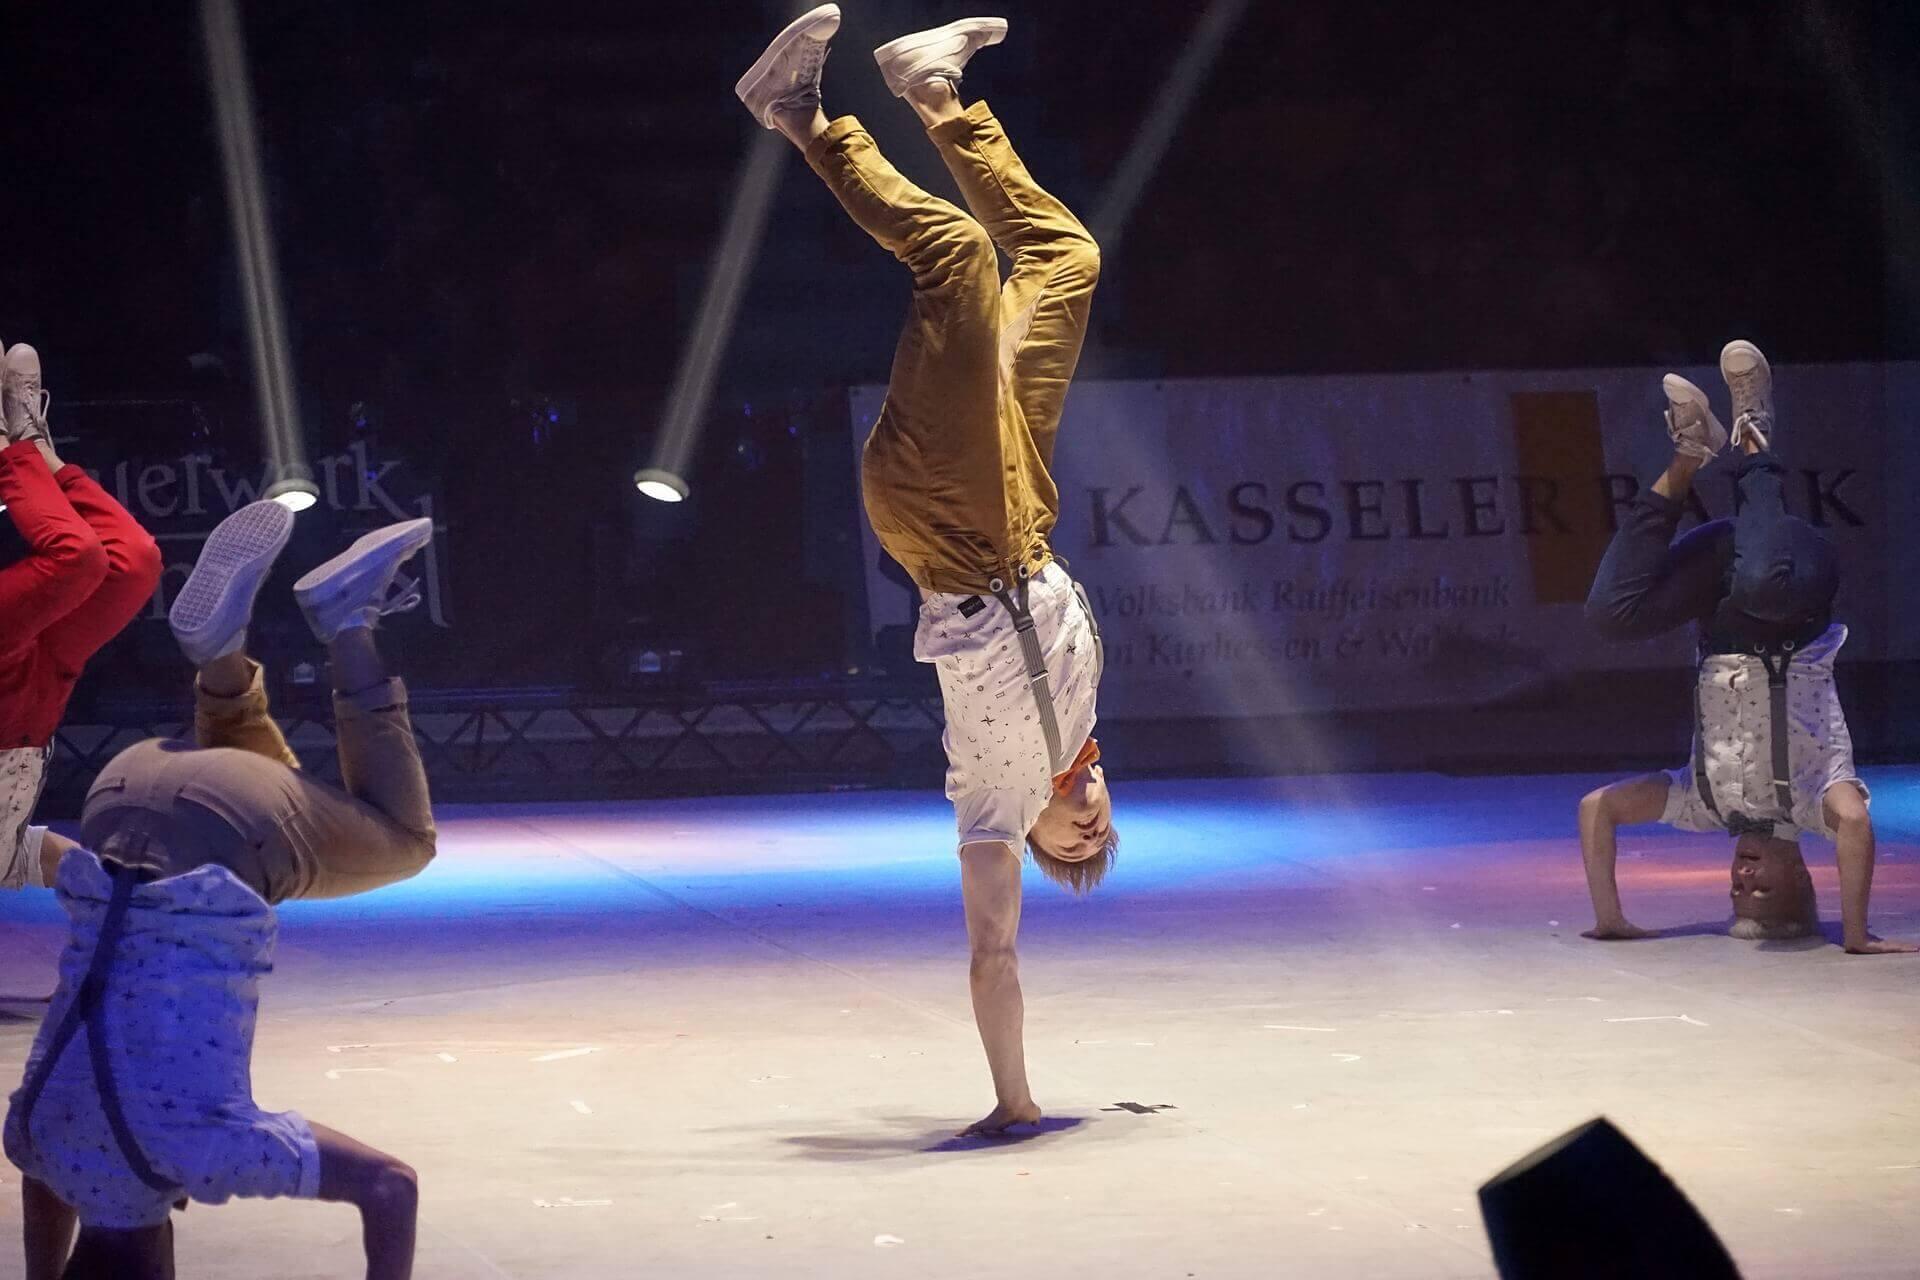 フリーズするブレイクダンサー